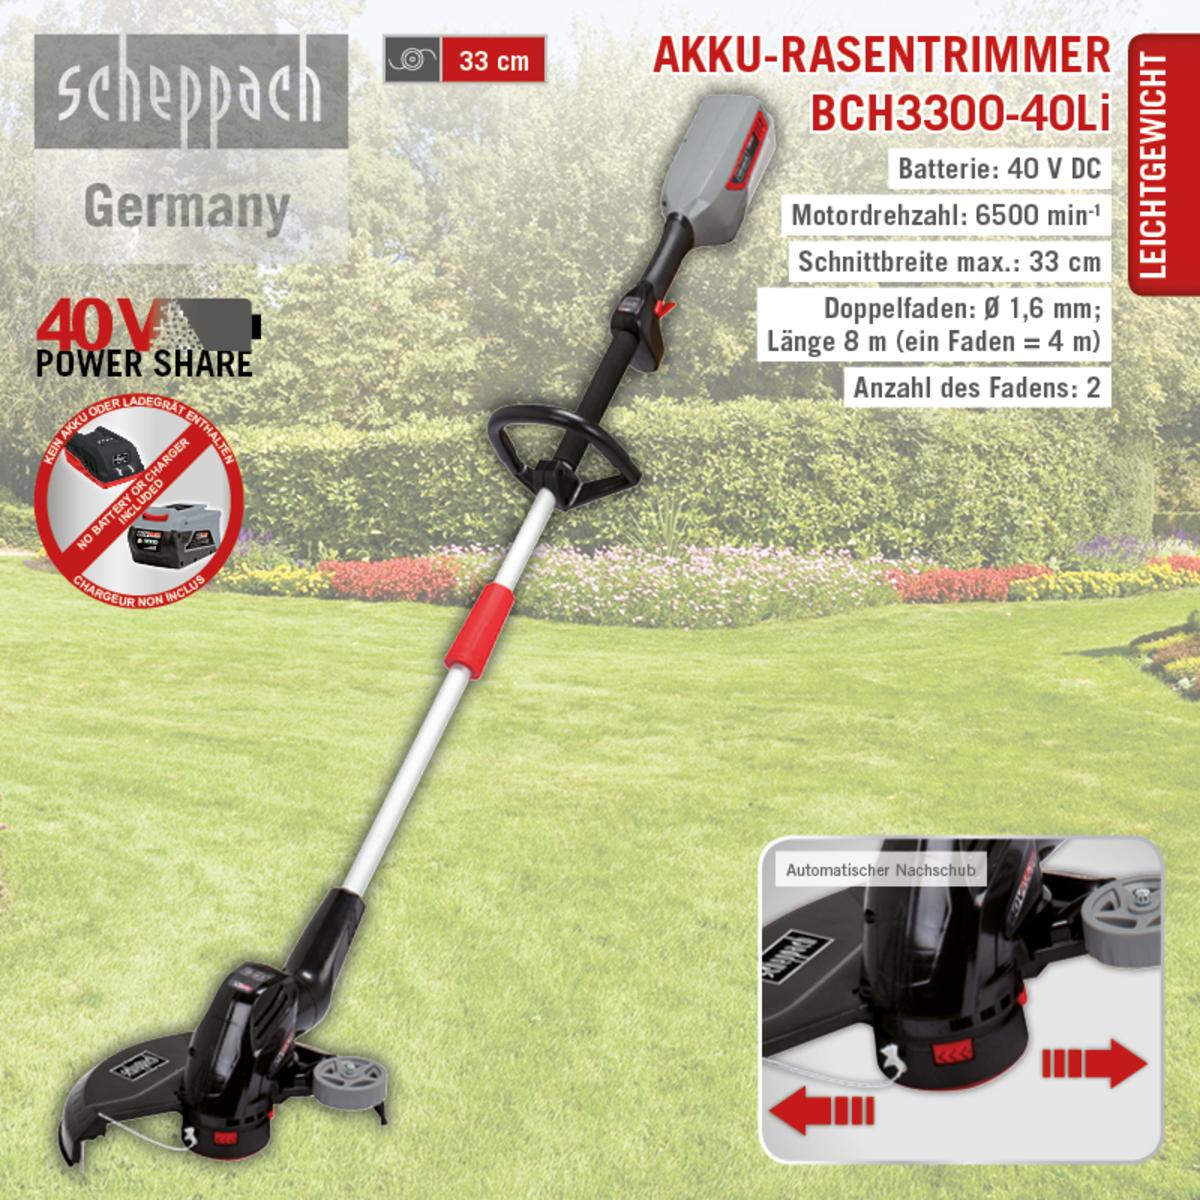 Bild 1 von Scheppach Akku-Rasentrimmer BCH3300-40Li